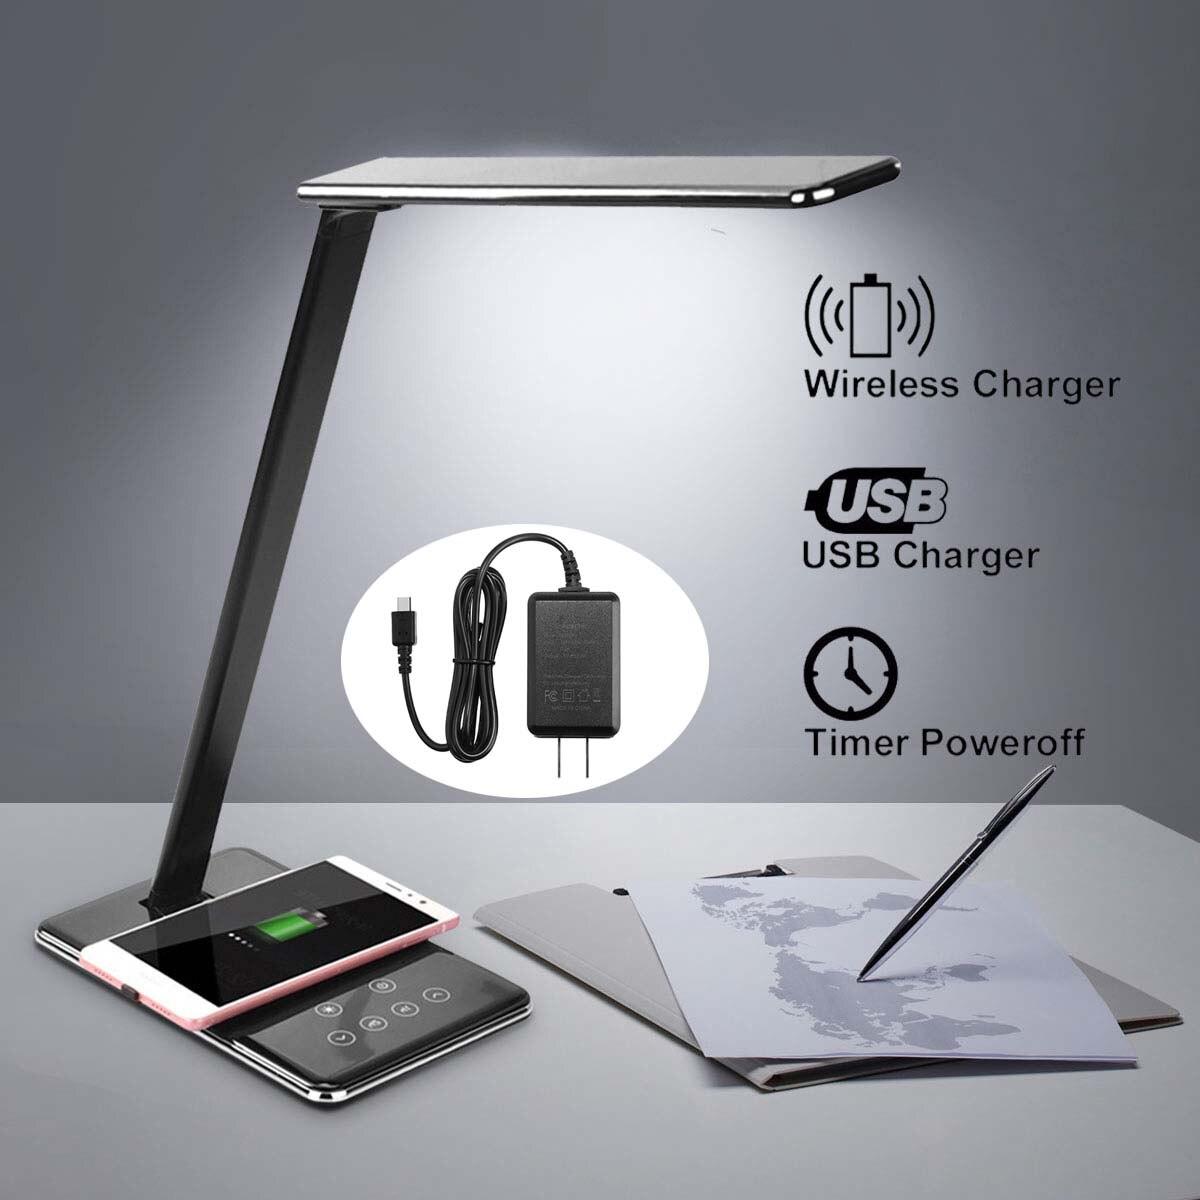 48 led lampa biurkowa QI bezprzewodowe ładowanie ściemnianie przełącznik dotykowy lampka do czytania telefon podkładka do ładowania ochrona oczu lampka do czytania z wtyczką